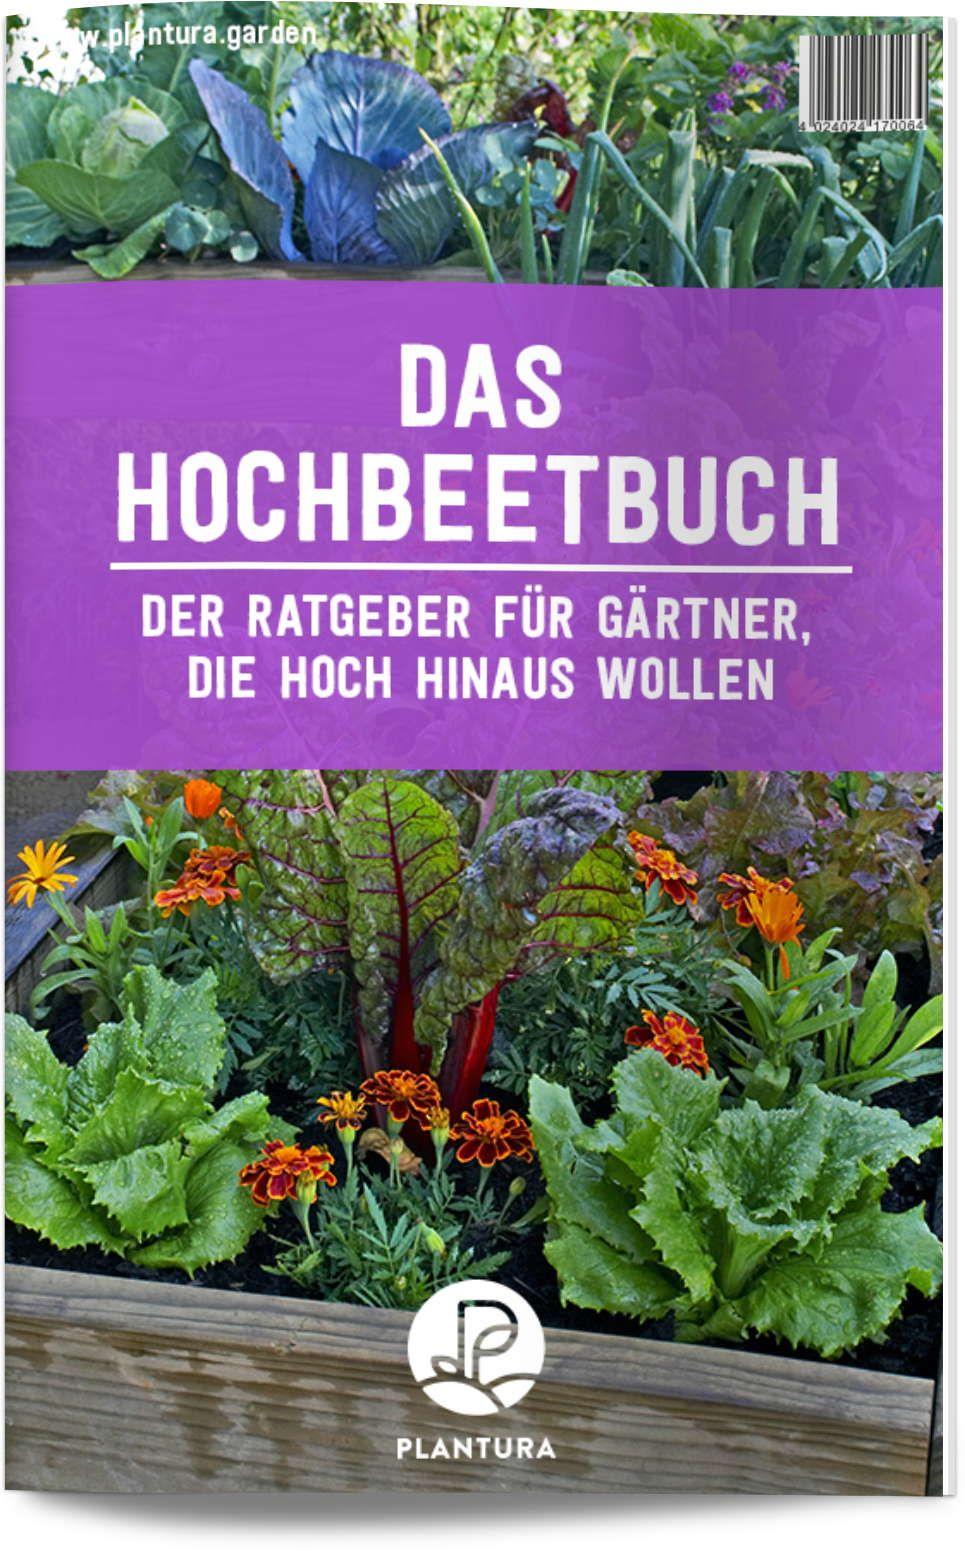 Saatgutversender für altbewährte Sorten: Unsere Top 9 - Plantura